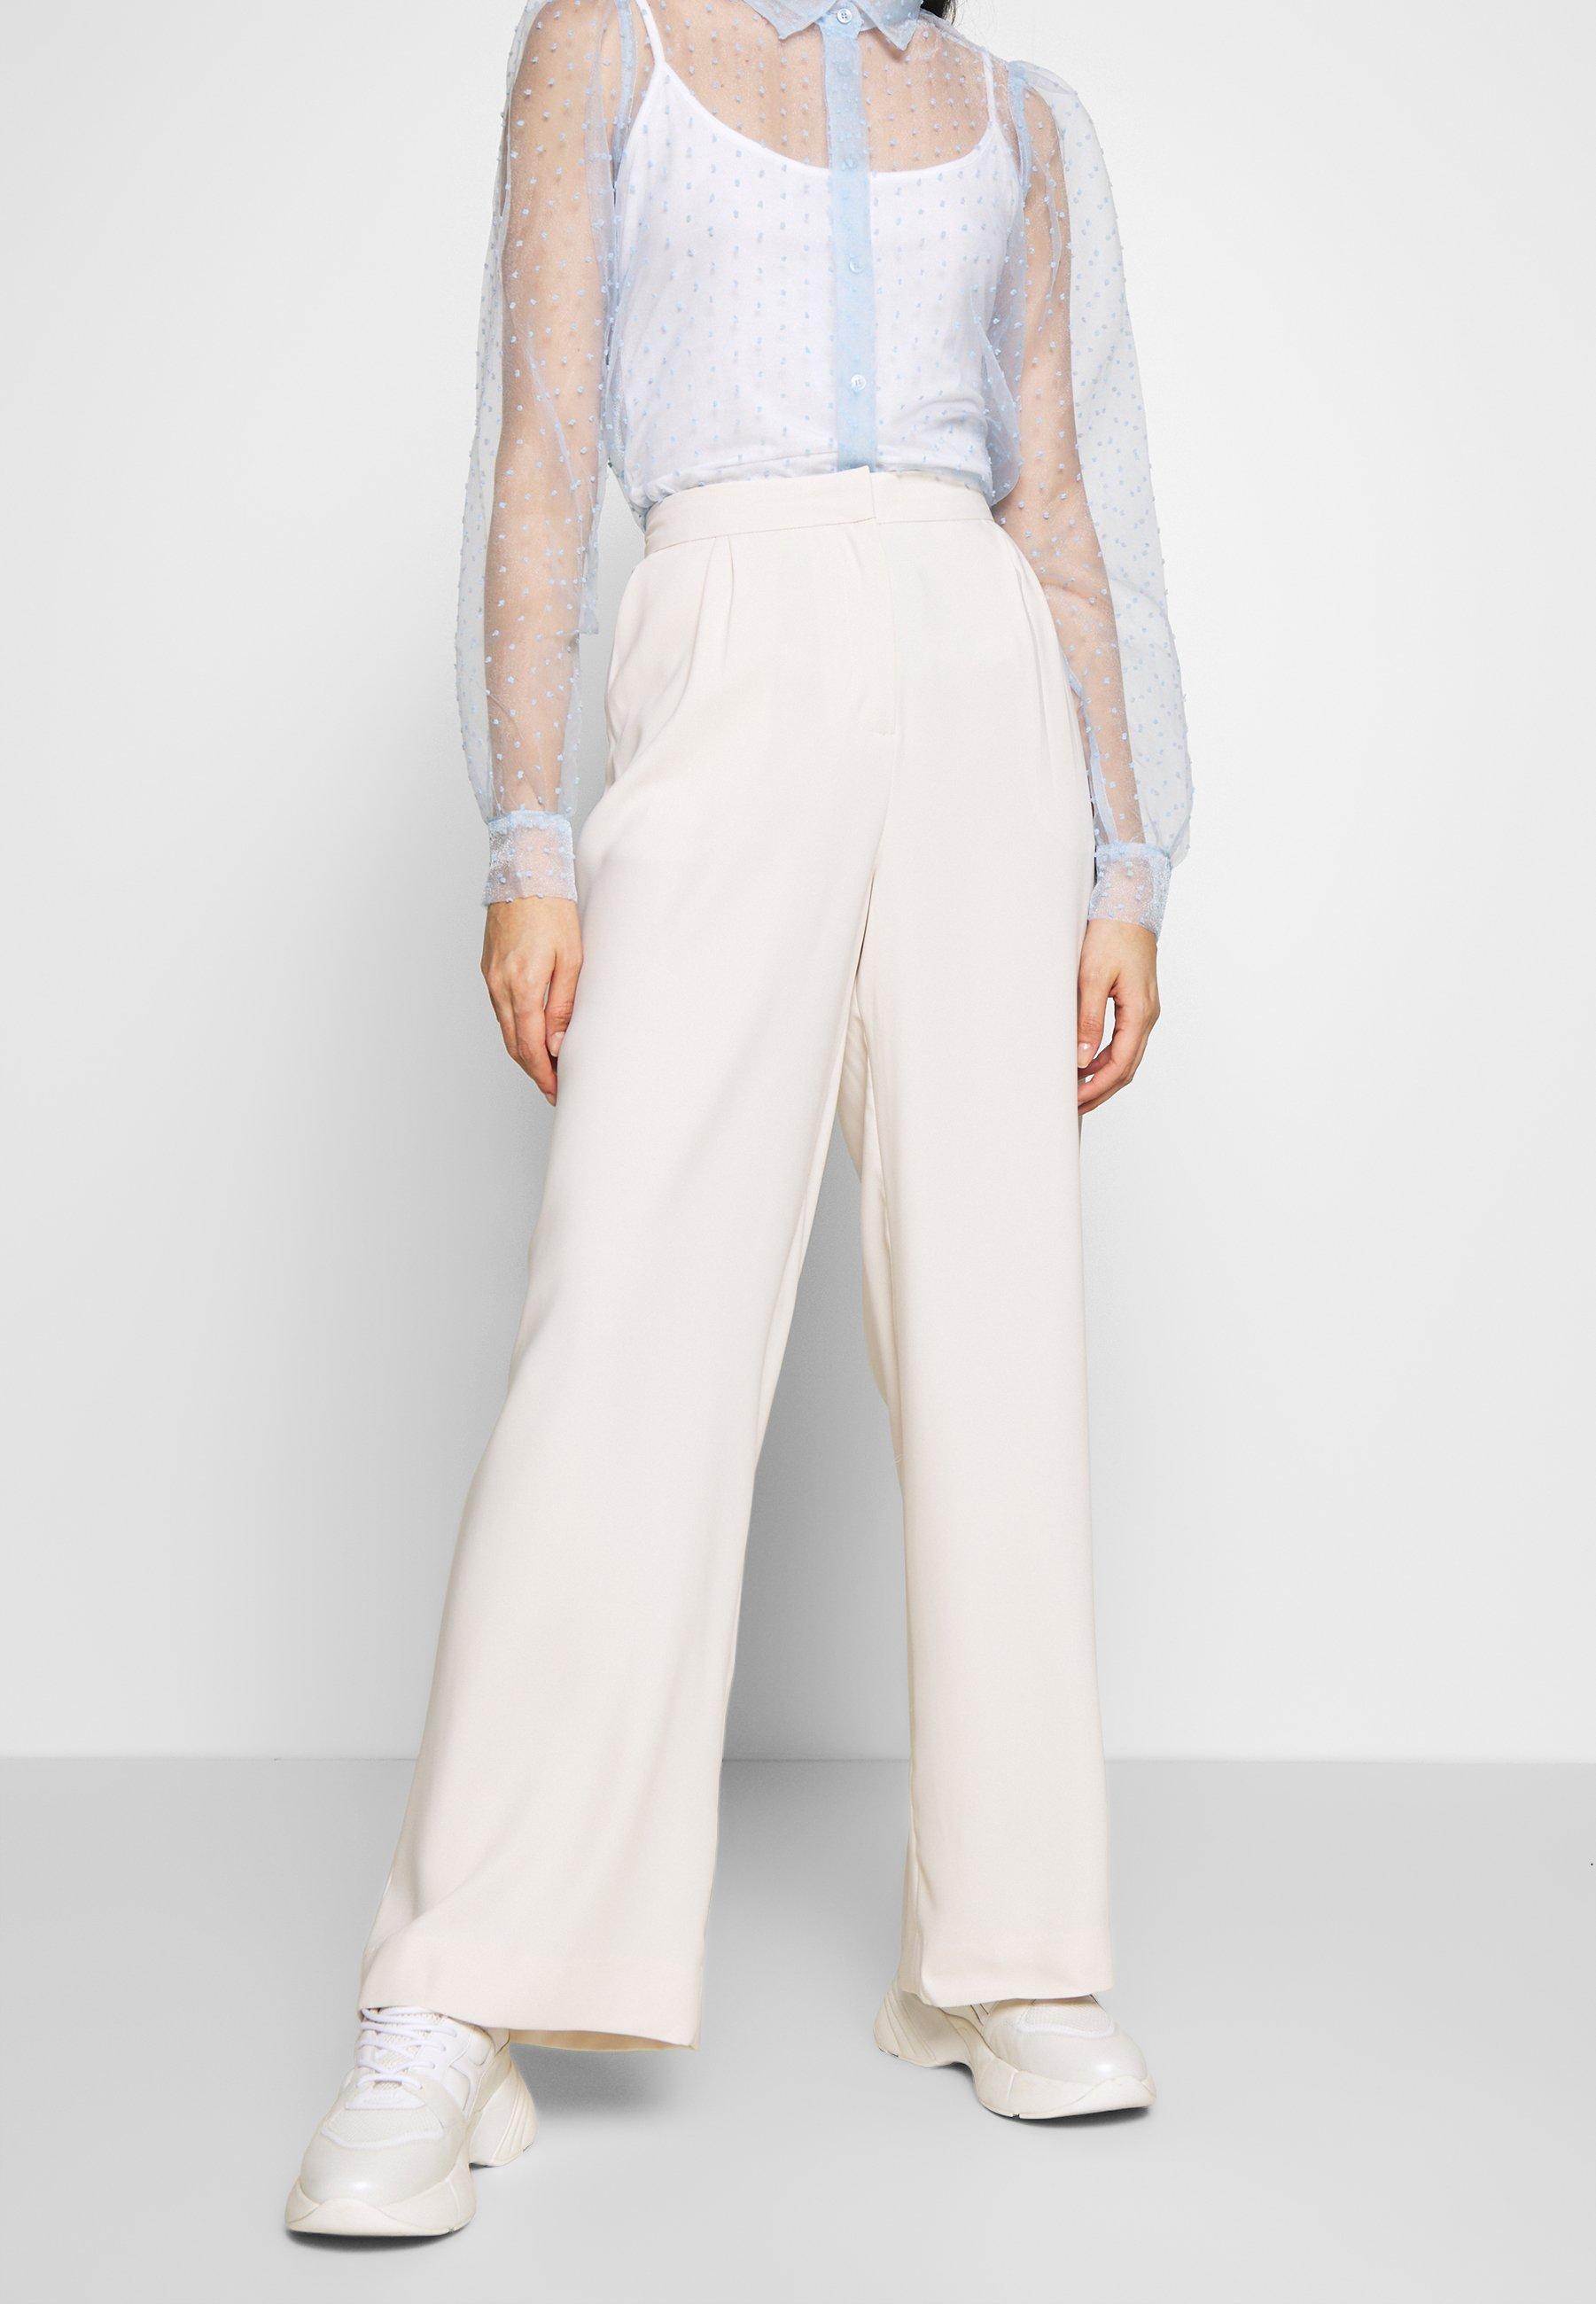 2nd Day Dames broeken online kopen   Gratis verzending   ZALANDO